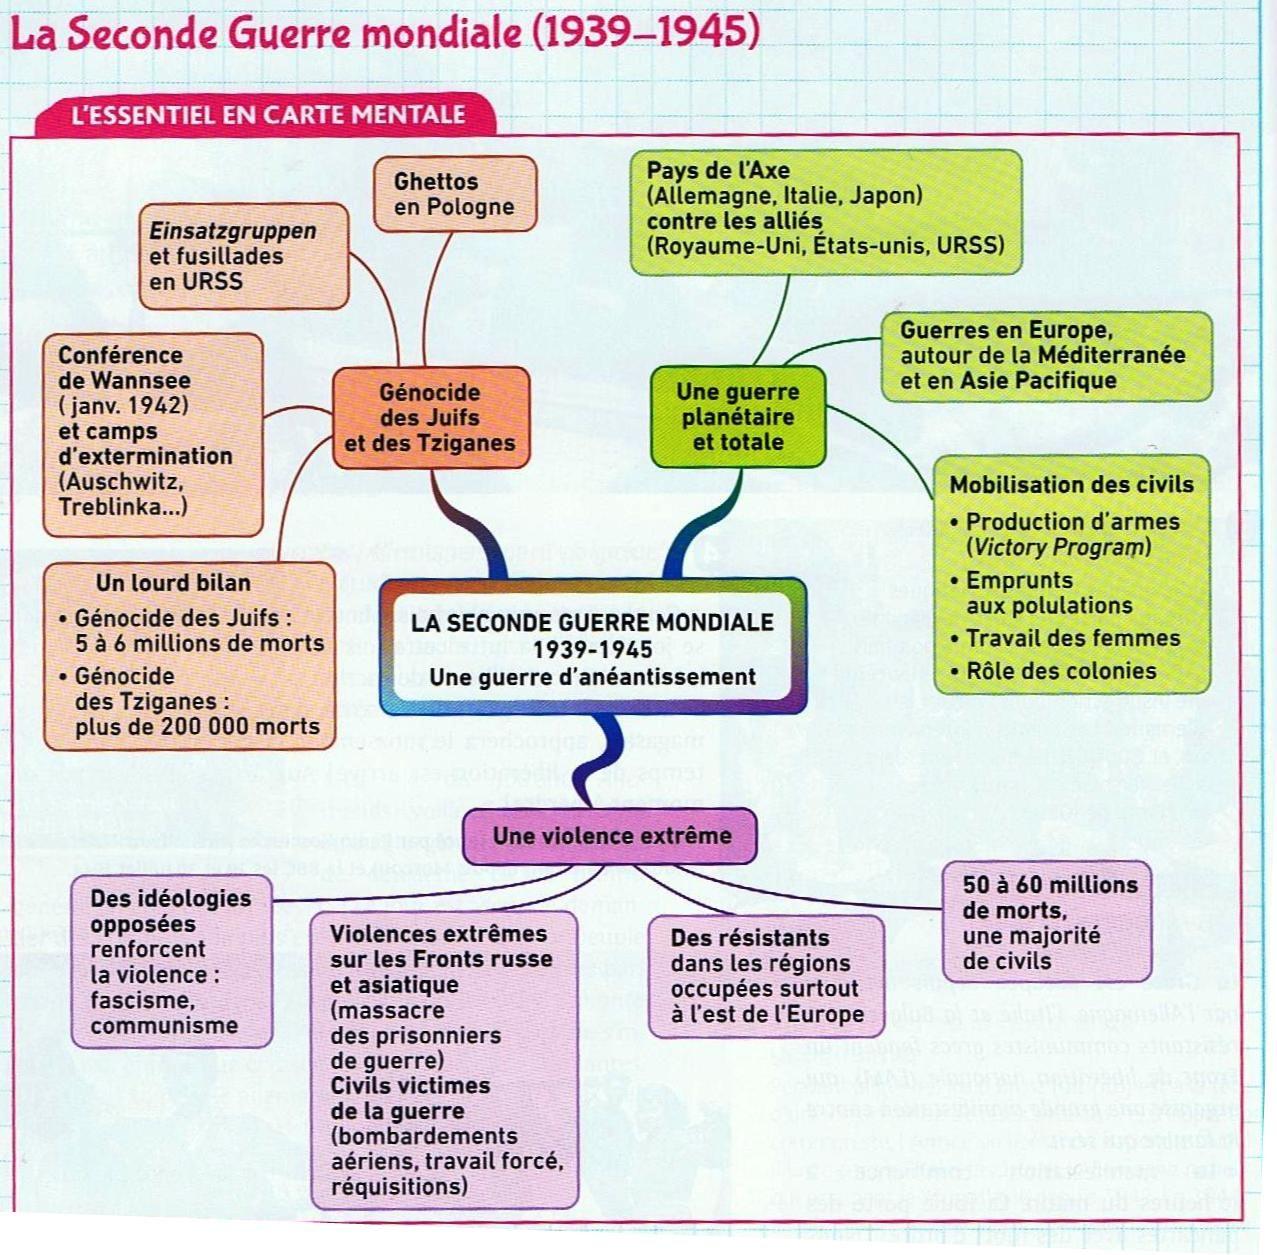 carte mentale seconde guerre mondiale Épinglé par Jacline44 sur C4 Collège : Histoire | Carte mentale